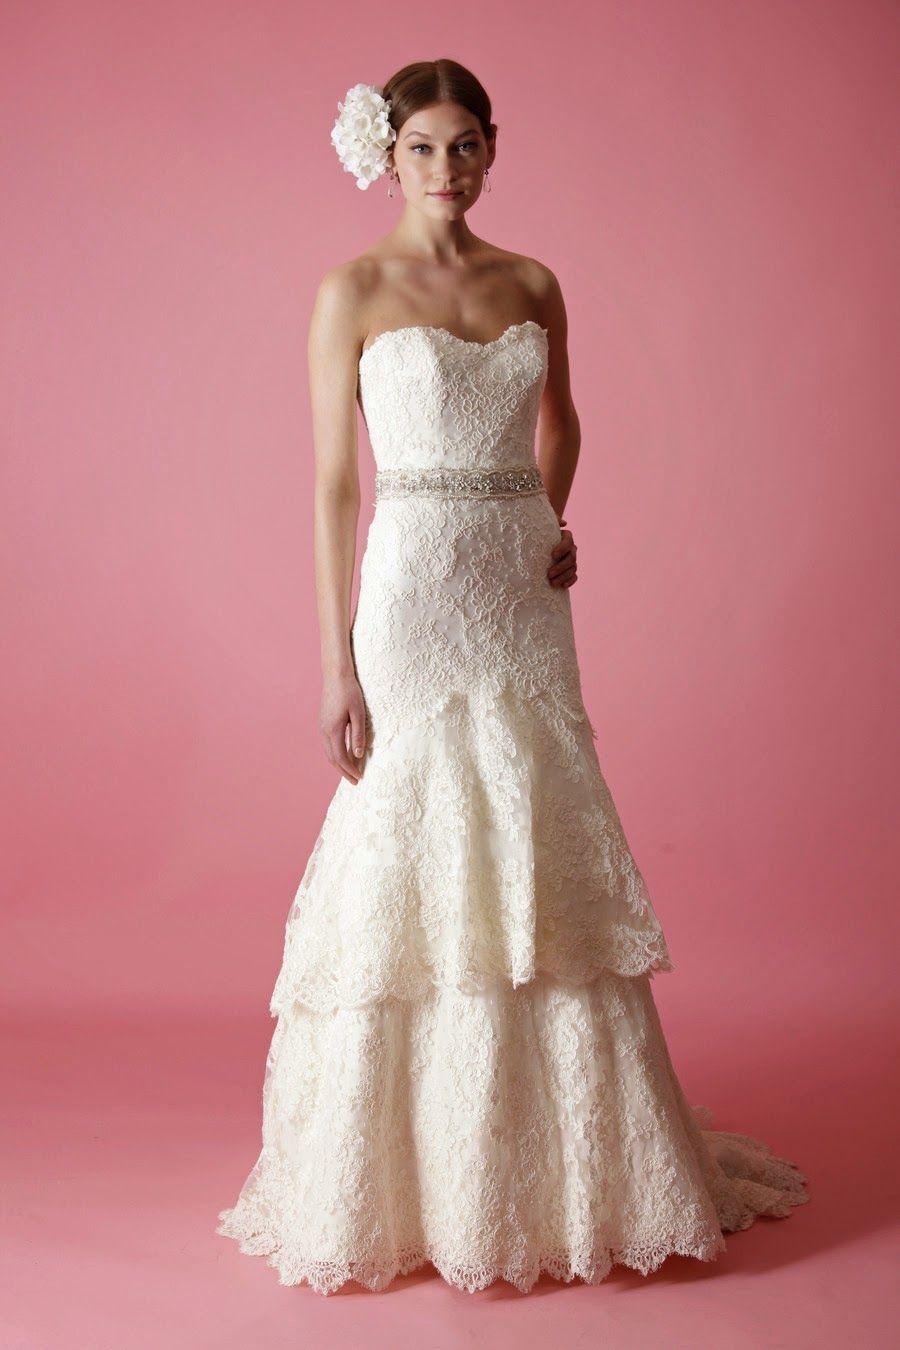 Asombrosos vestidos de novia | Coleccion Badgley Mischka 2014 ...